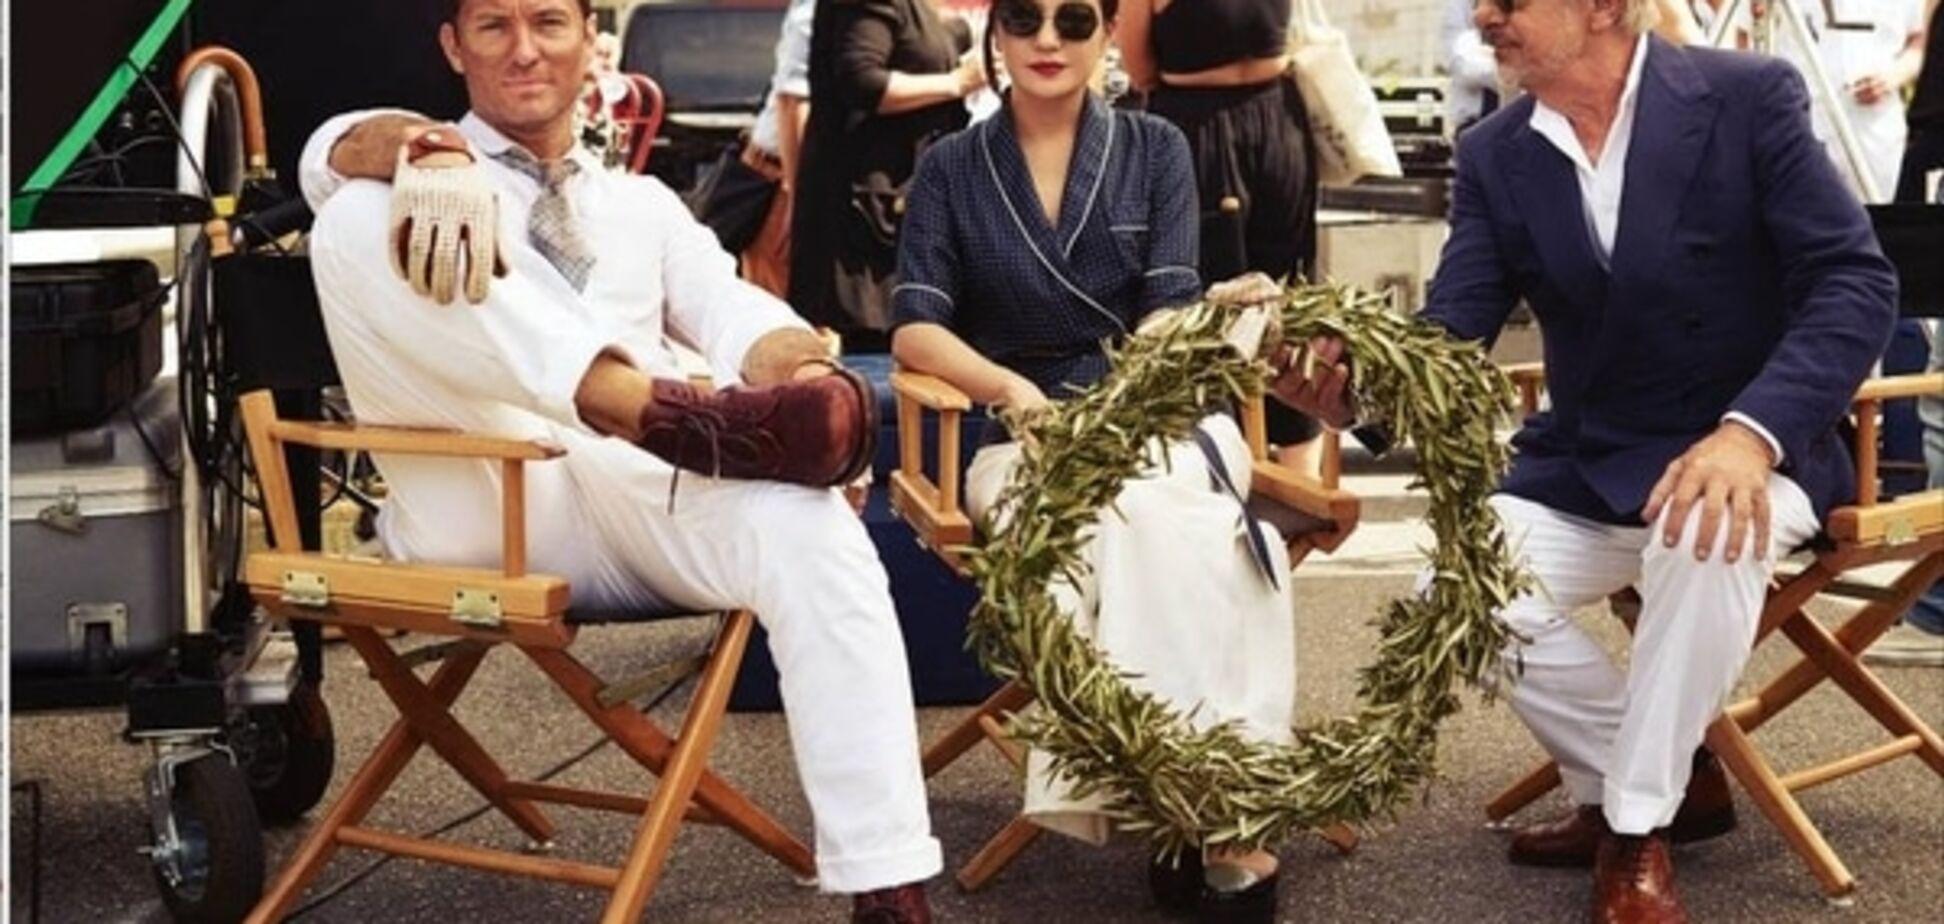 Джуд Лоу и Джанкарло Джаннини представили вторую серию фильма 'Пари джентльменов' в Риме